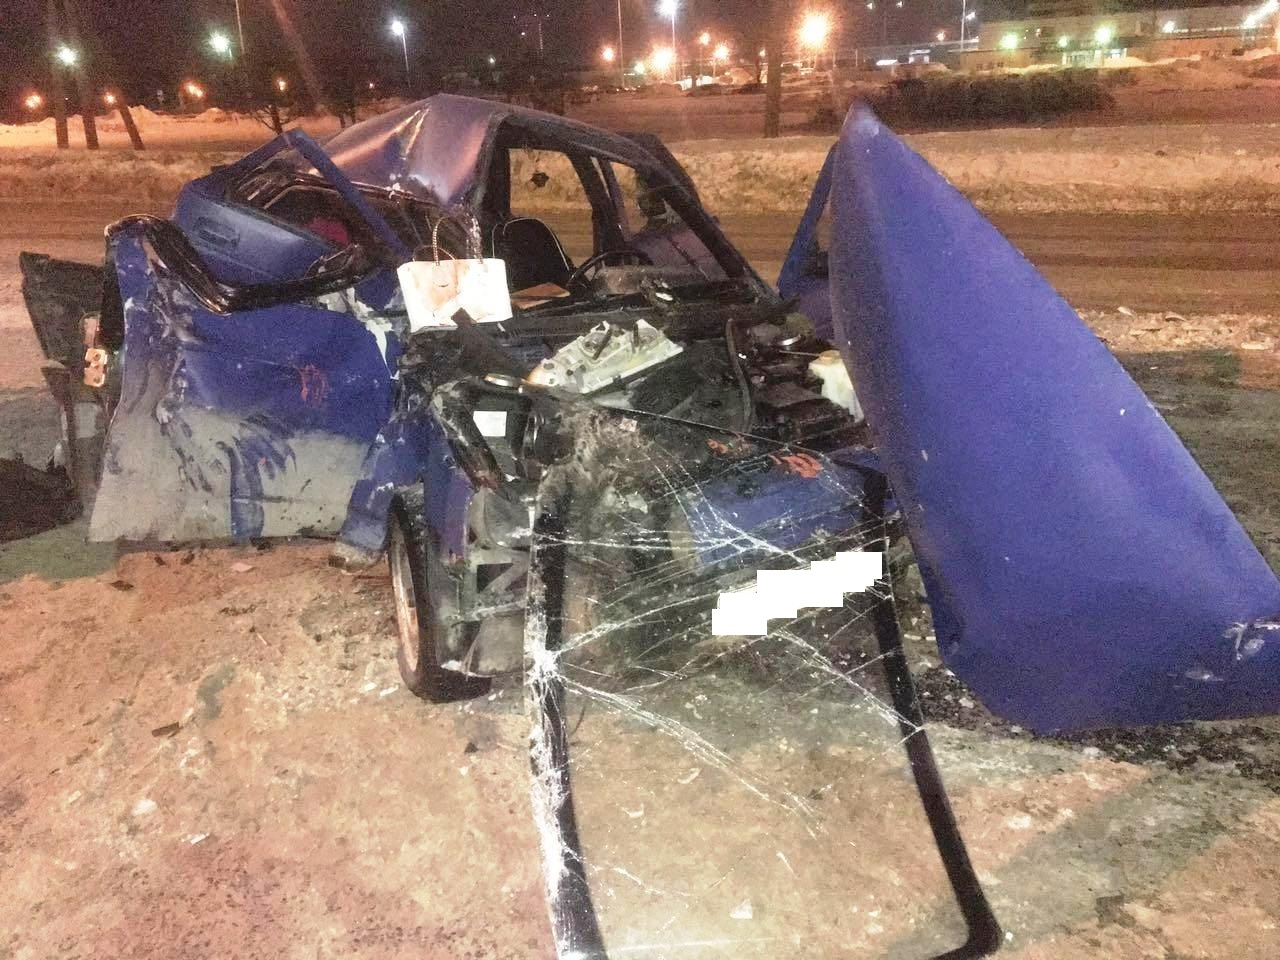 Водитель был без прав: Подробности аварии с погибшей девушкой в Тольятти